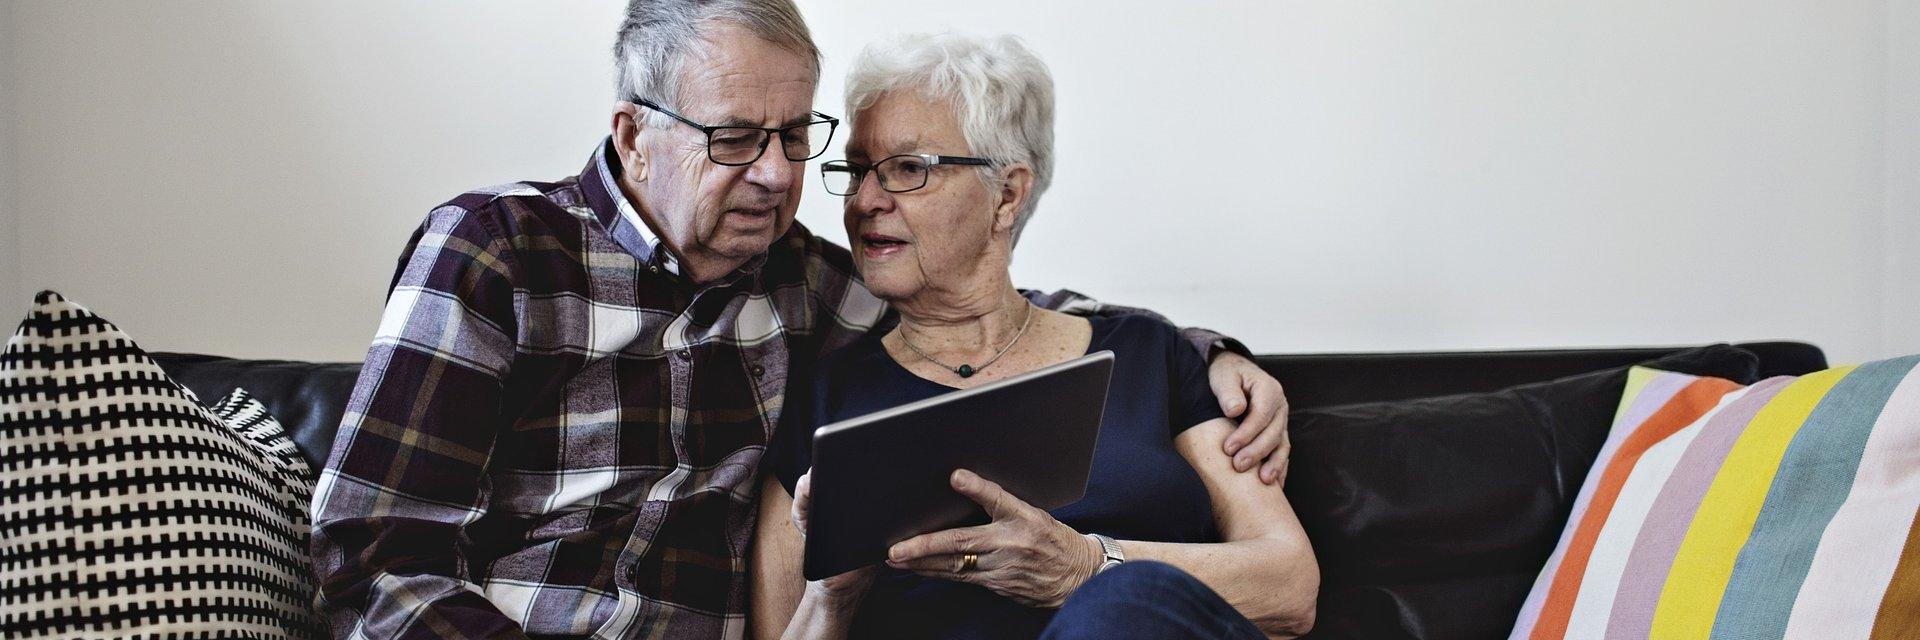 Kapitał zgromadzony w IKE i IKZE realnym wsparciem na emeryturze